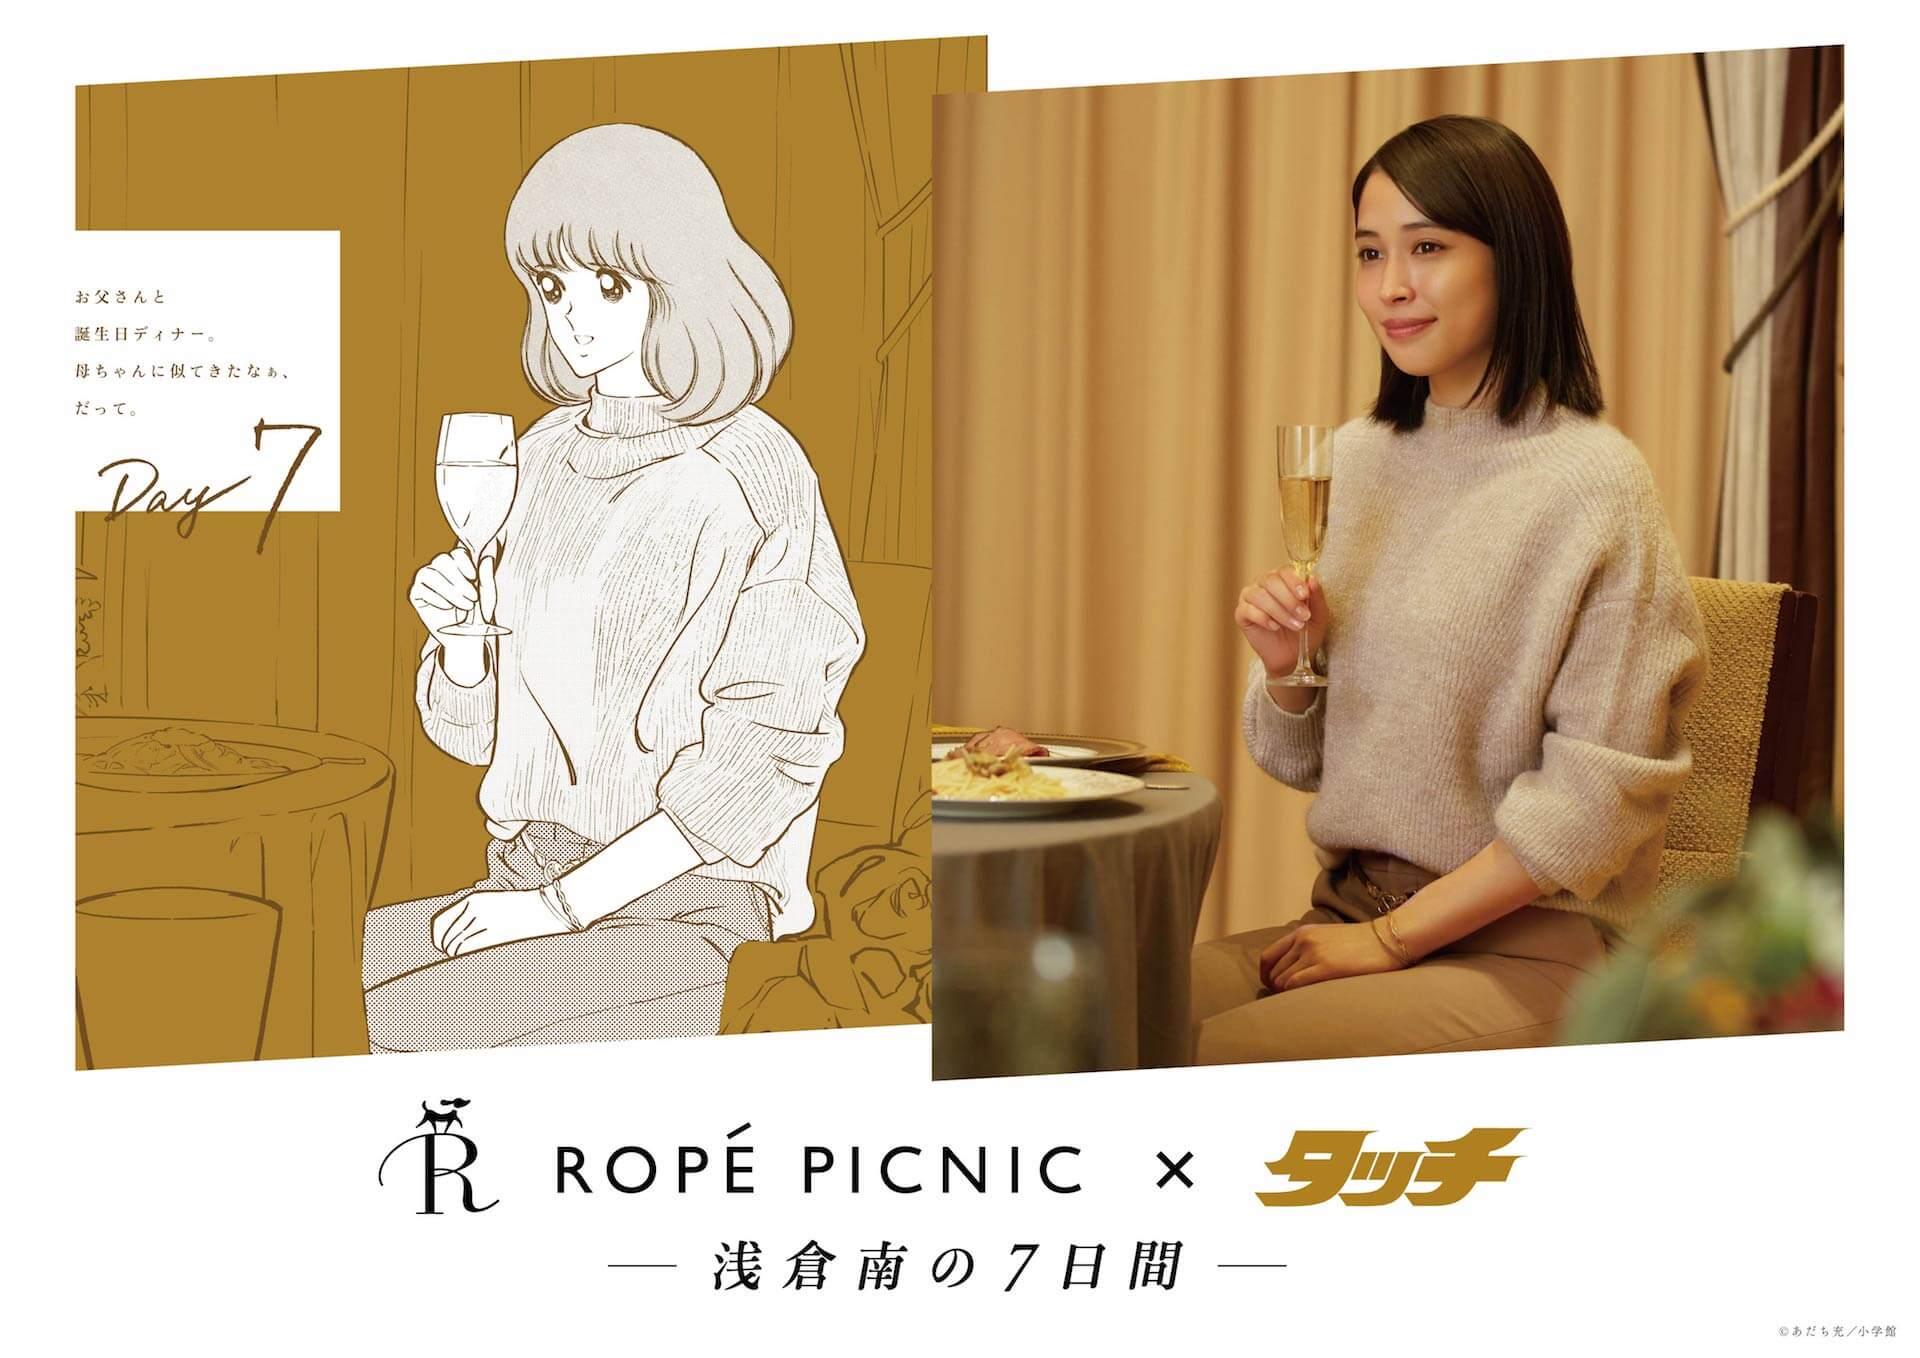 広瀬アリスが「タッチ」南ちゃんに!インタビューでは「かわいいにまっすぐ」なことについて語る life-fashion191125-ropepicnic-hirosealice-8